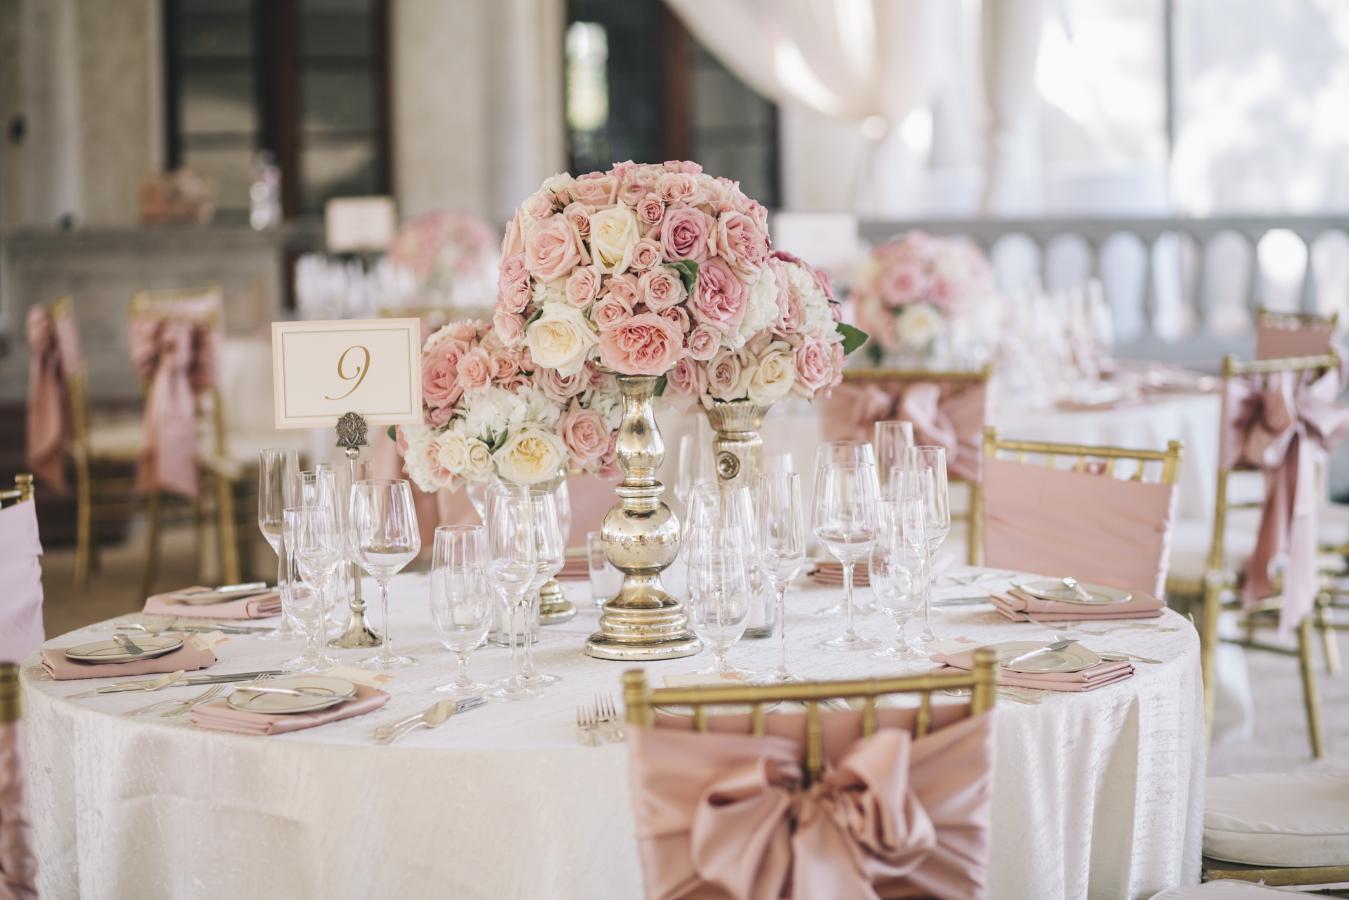 организация свадьбы шебби шик